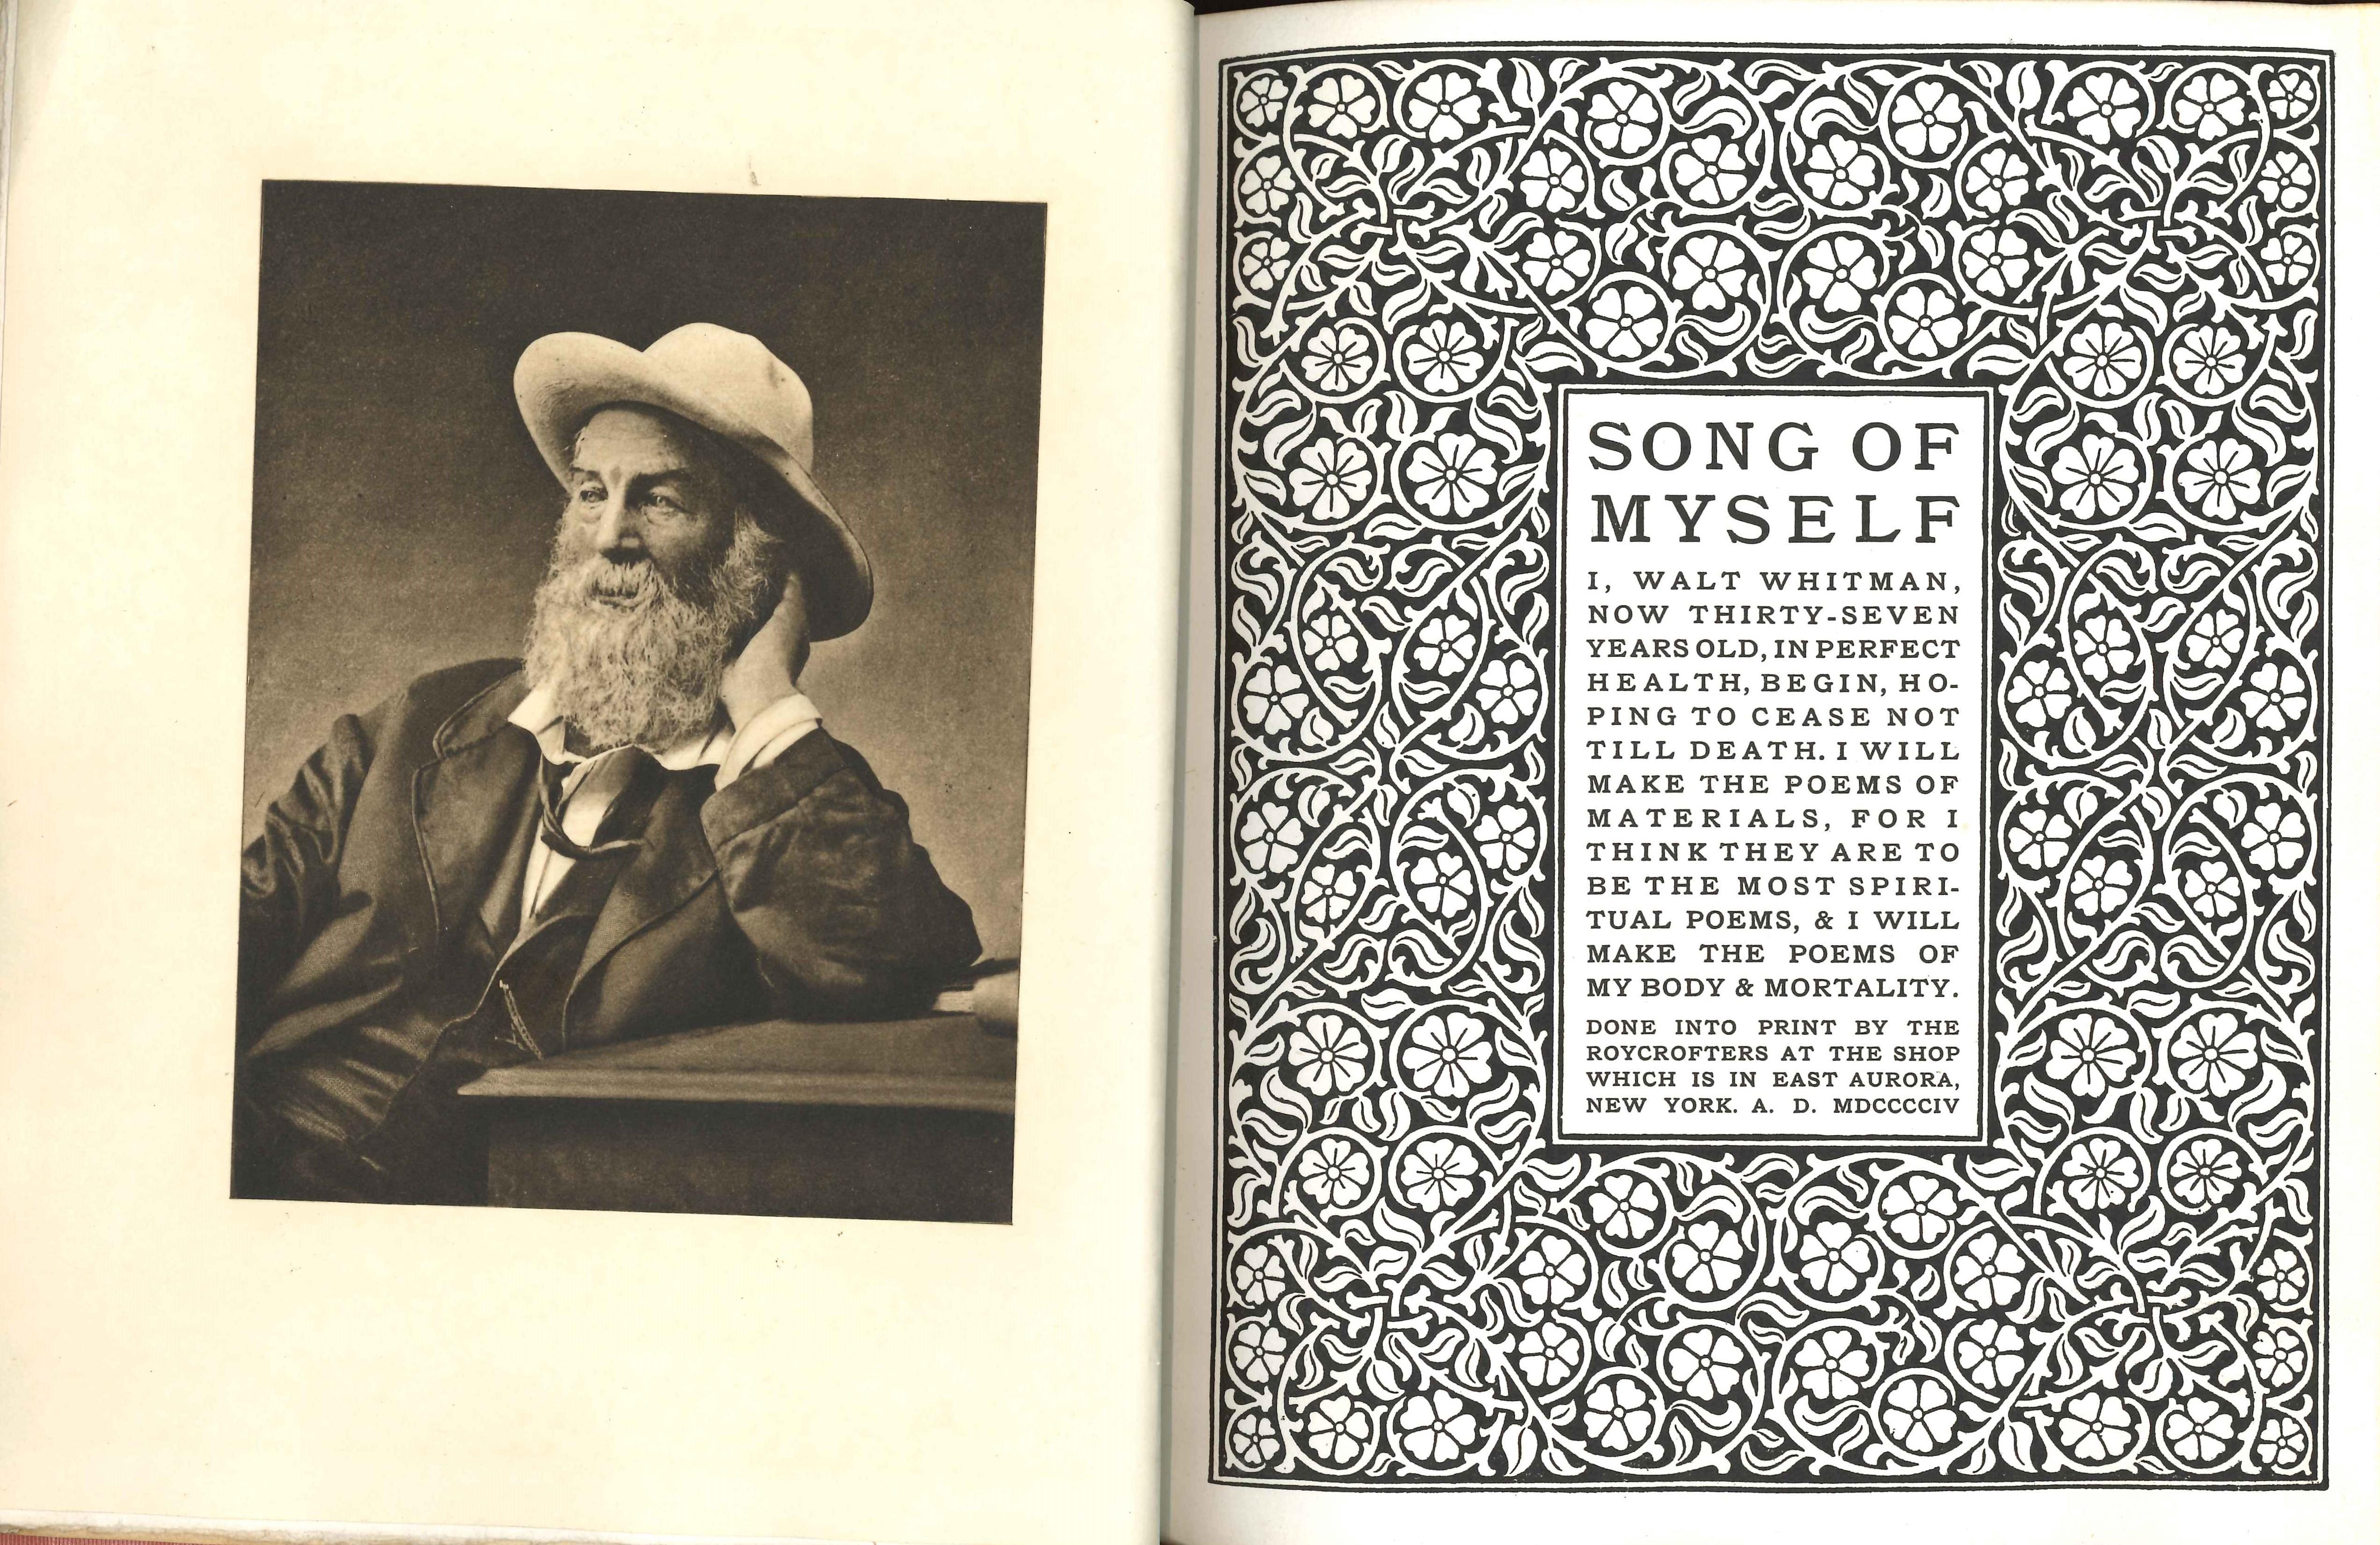 Walt Whitman. Song of Myself. East Aurora, N.Y.: Roycrofters, 1904.